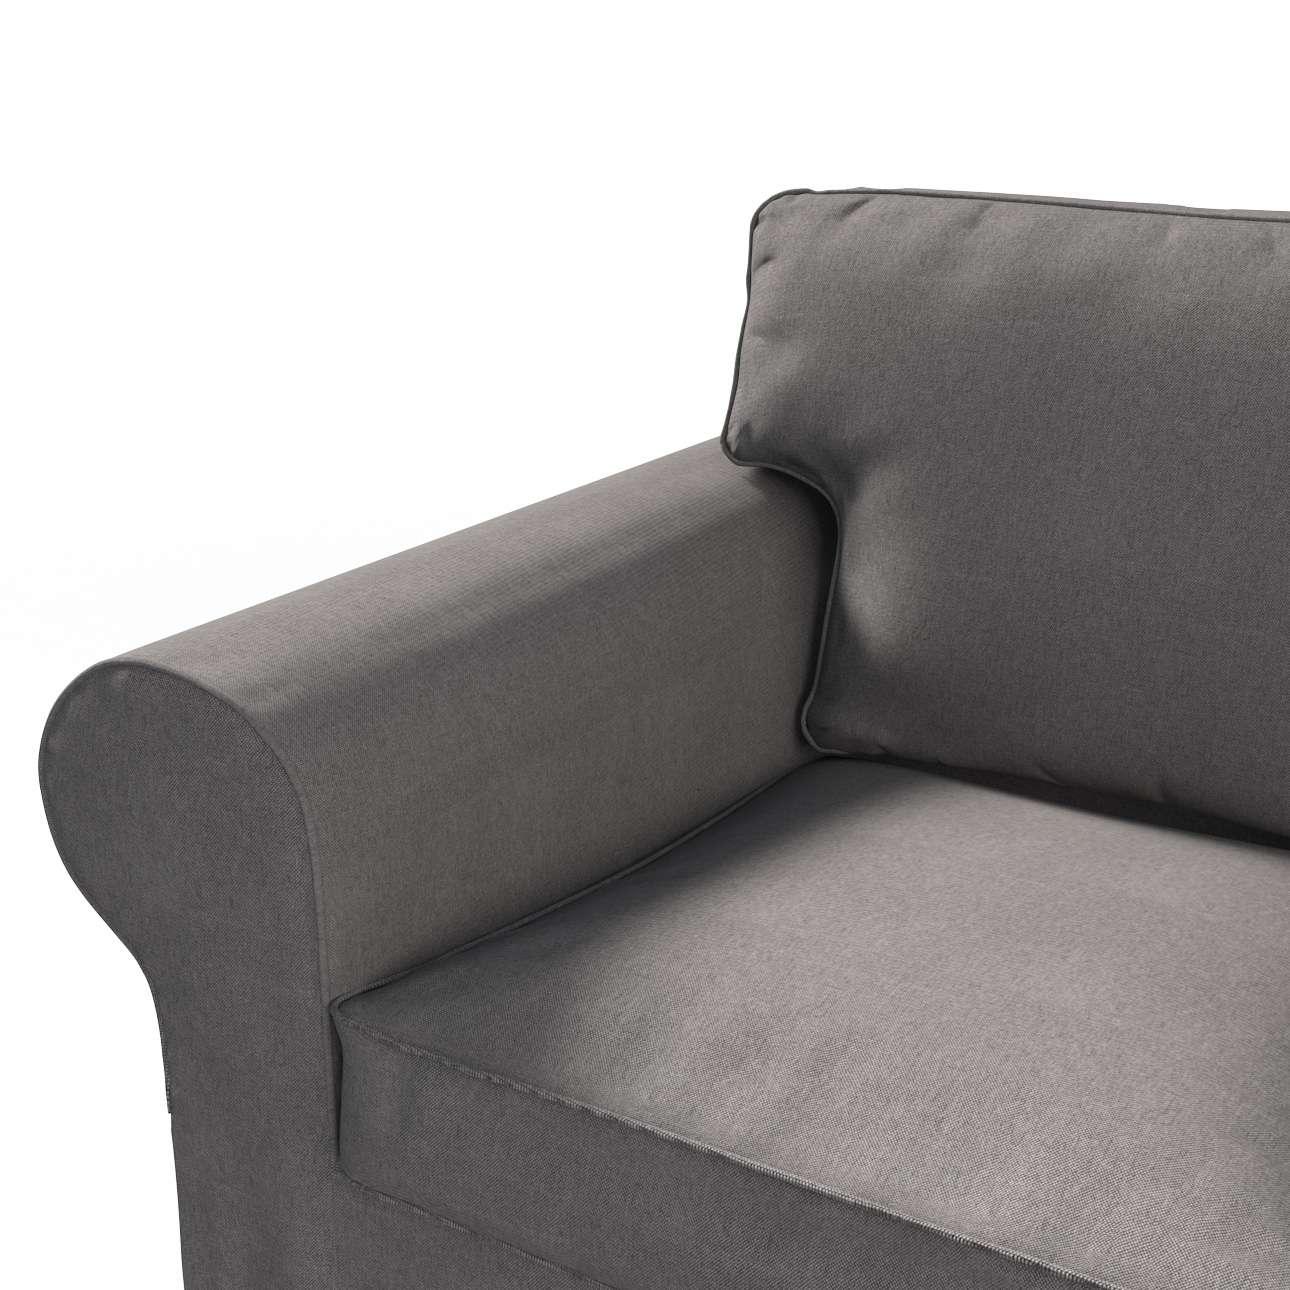 Pokrowiec na sofę Ektorp 2-osobową rozkładaną, model po 2012 w kolekcji Etna, tkanina: 705-35